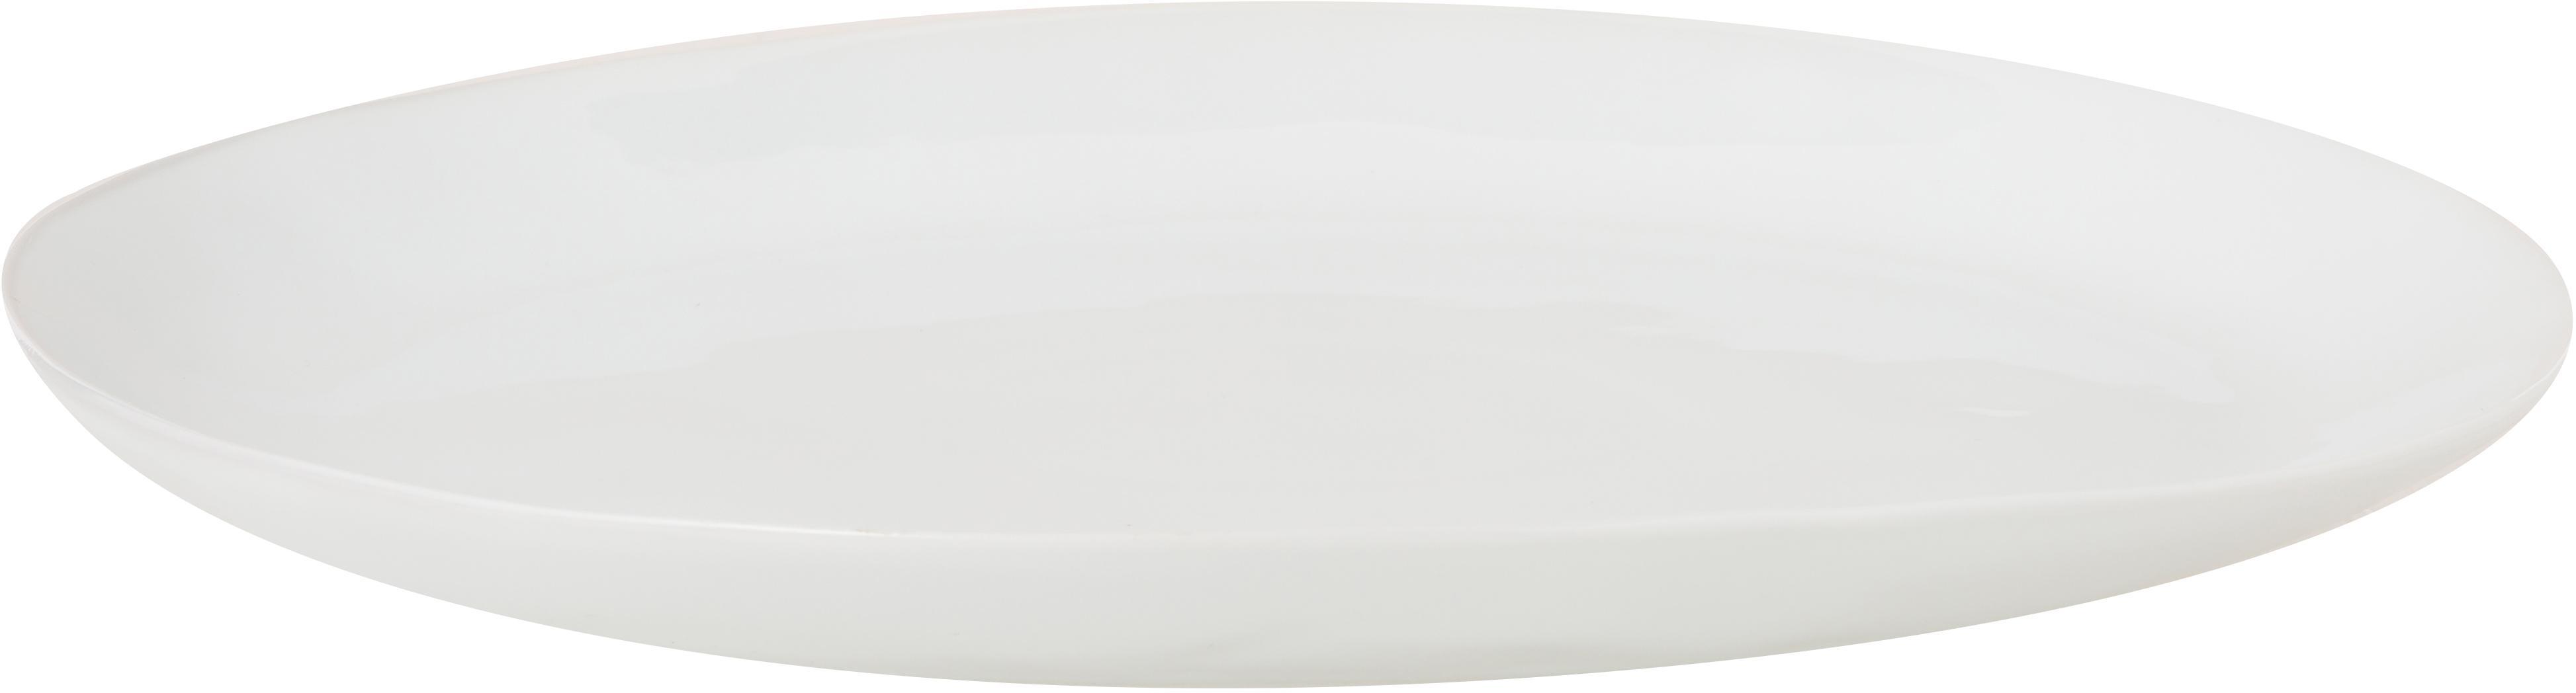 Ovale Speiseteller Porcelino mit unebener Oberfläche, 4 Stück, Porzellan, gewollt ungleichmäßig, Weiß, 24 x 28 cm